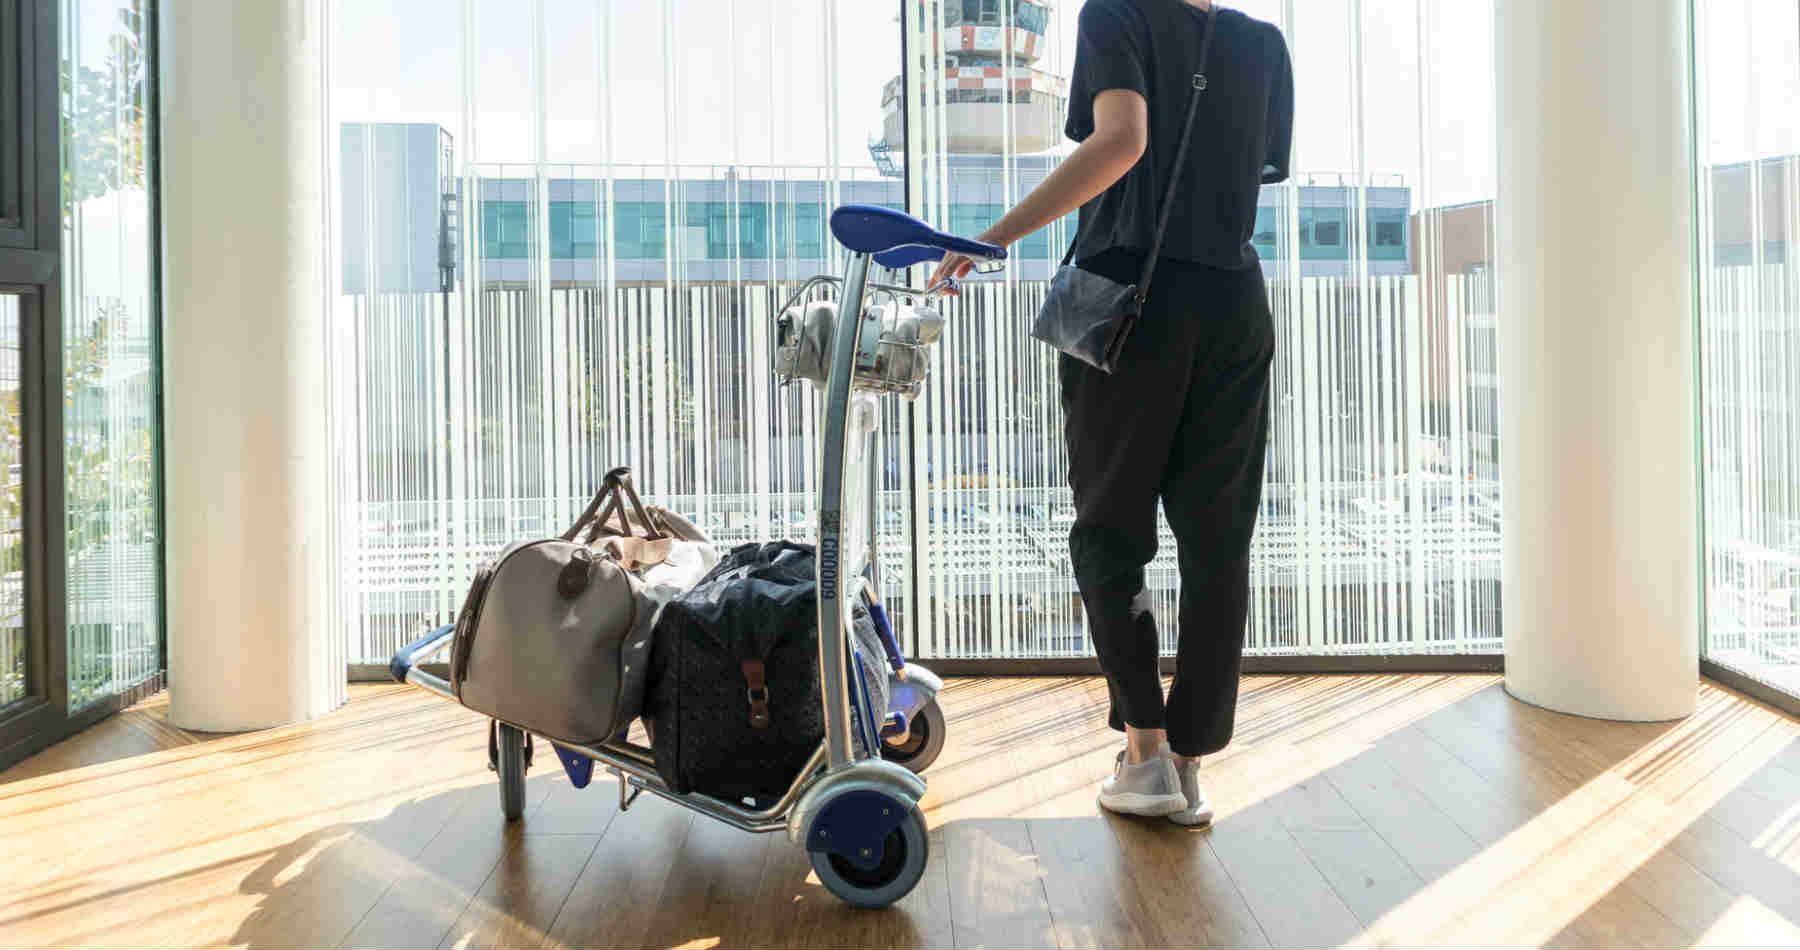 を 運ぶ カート 荷物 釣りする時に移動が楽になるキャリーカートの人気おすすめ10選!